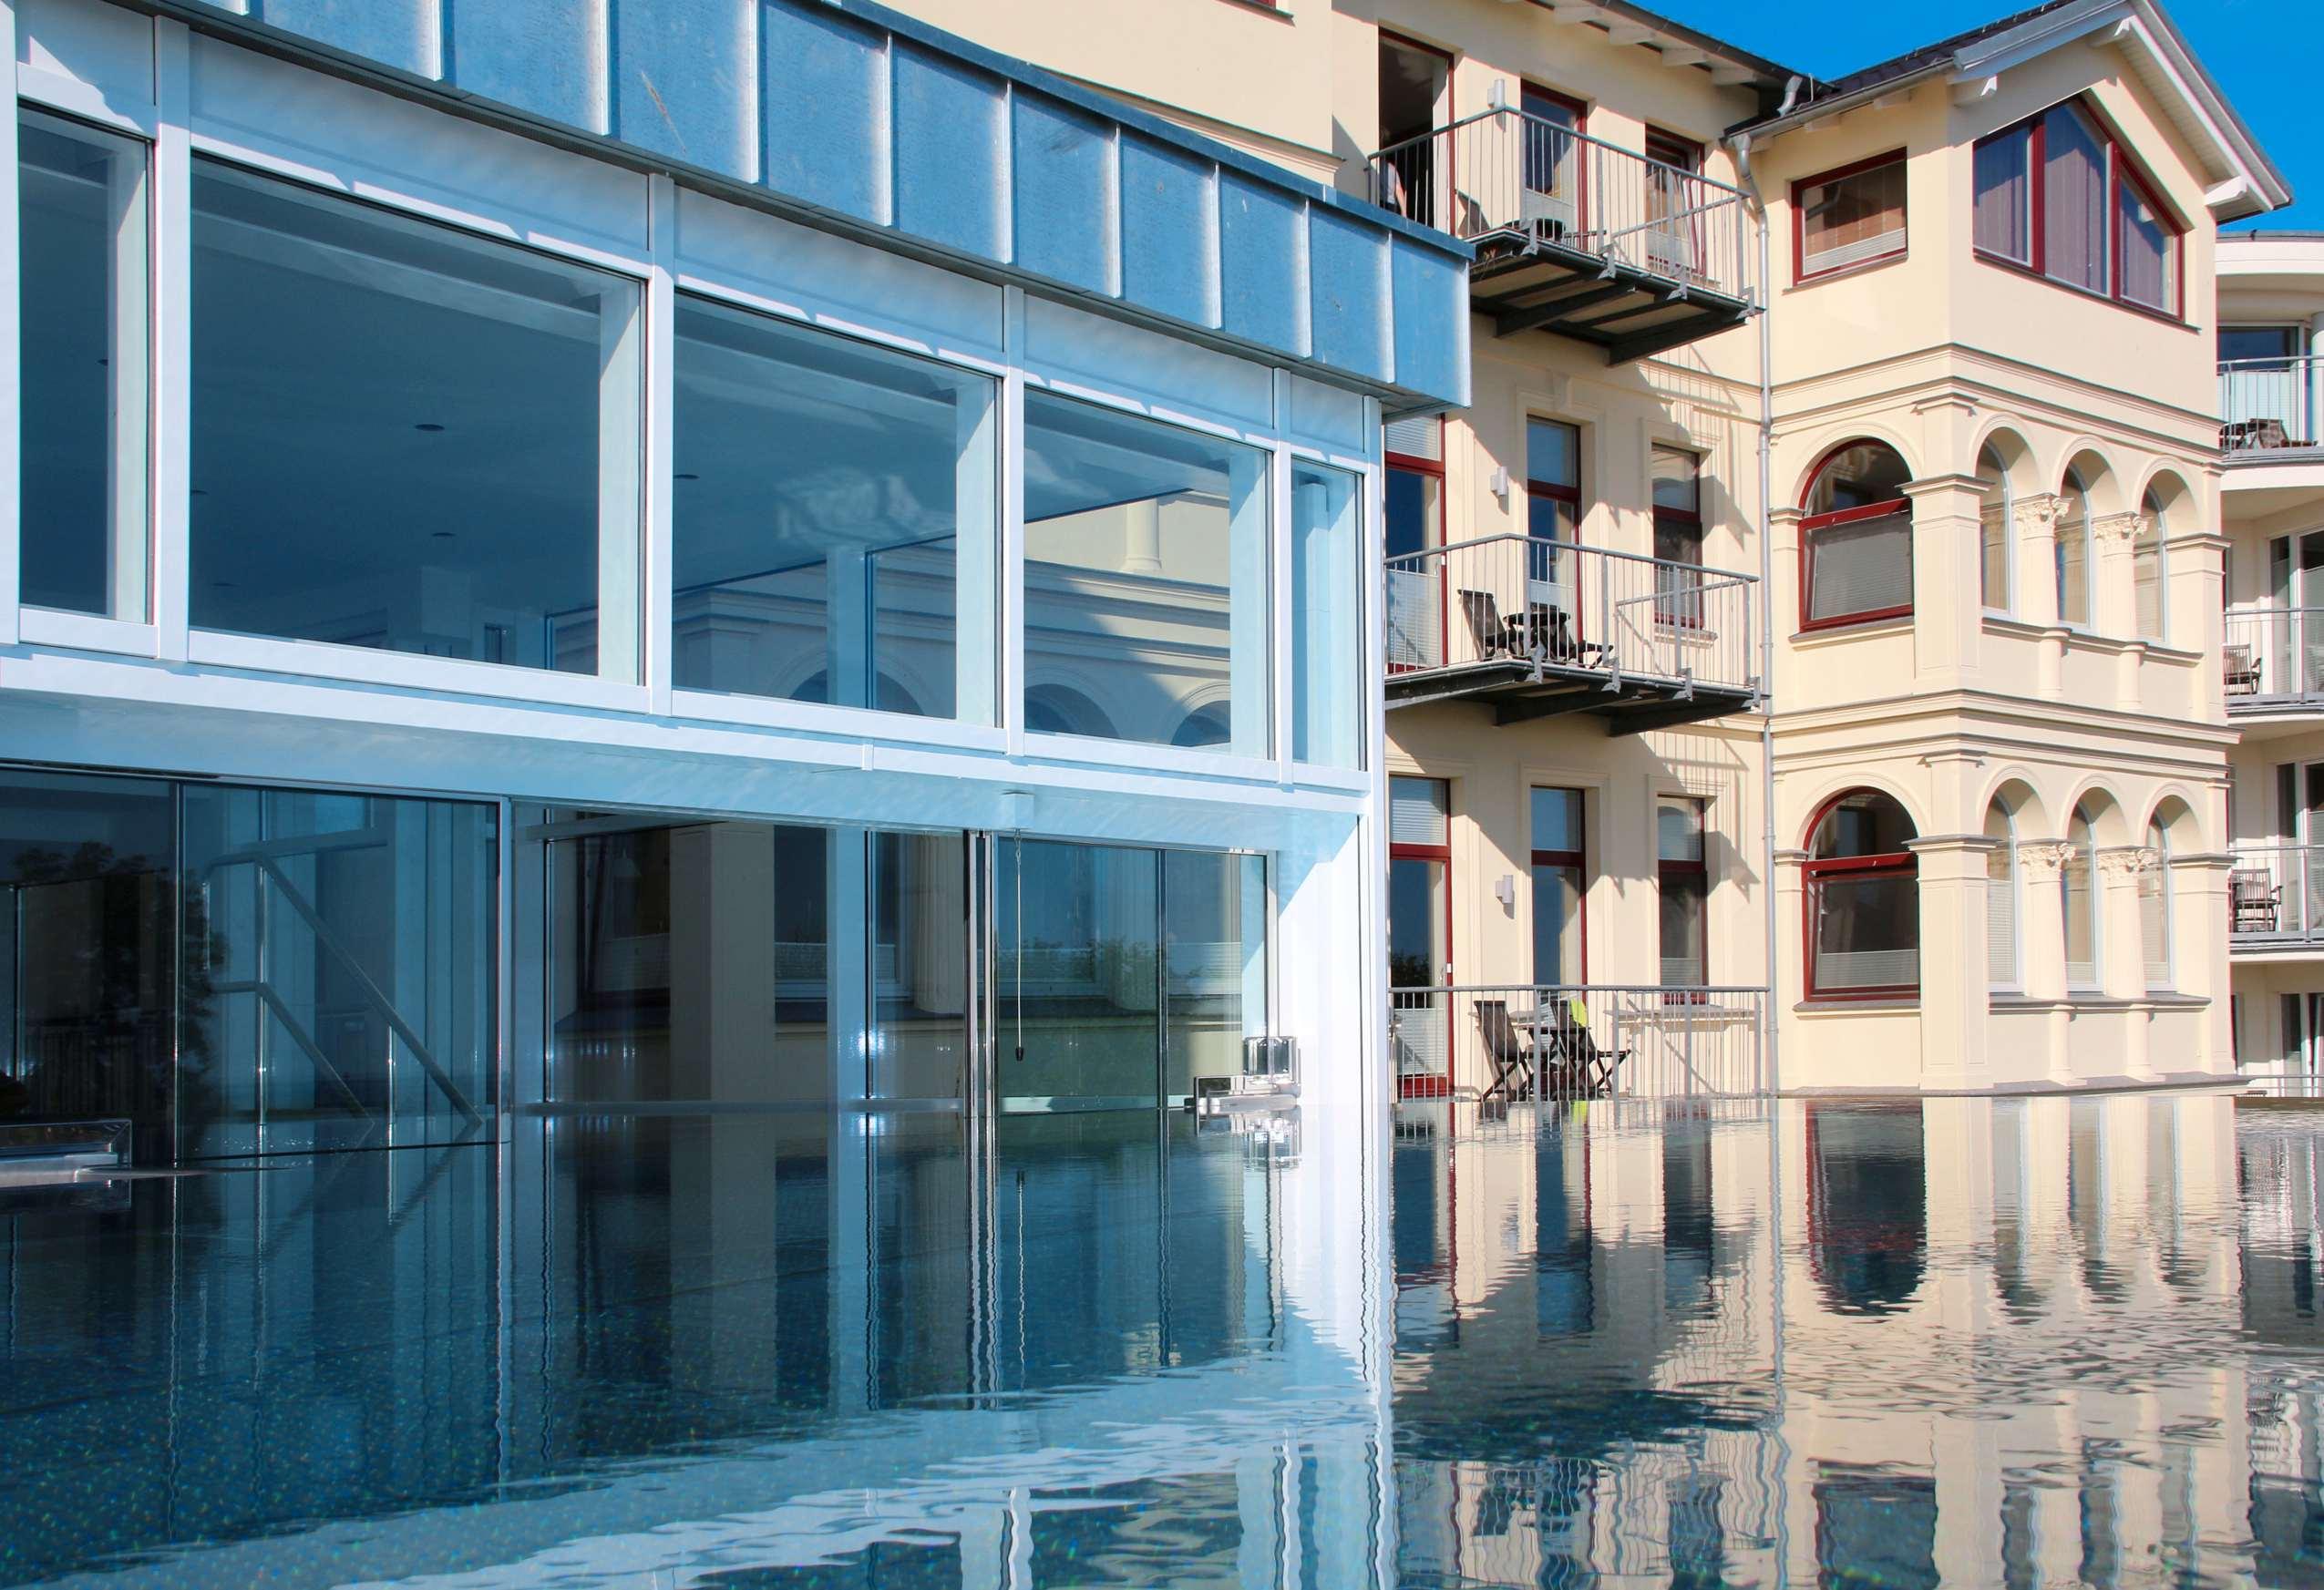 Der Rooftop-Pool des Das Ahlbeck reflektiert das Haus.